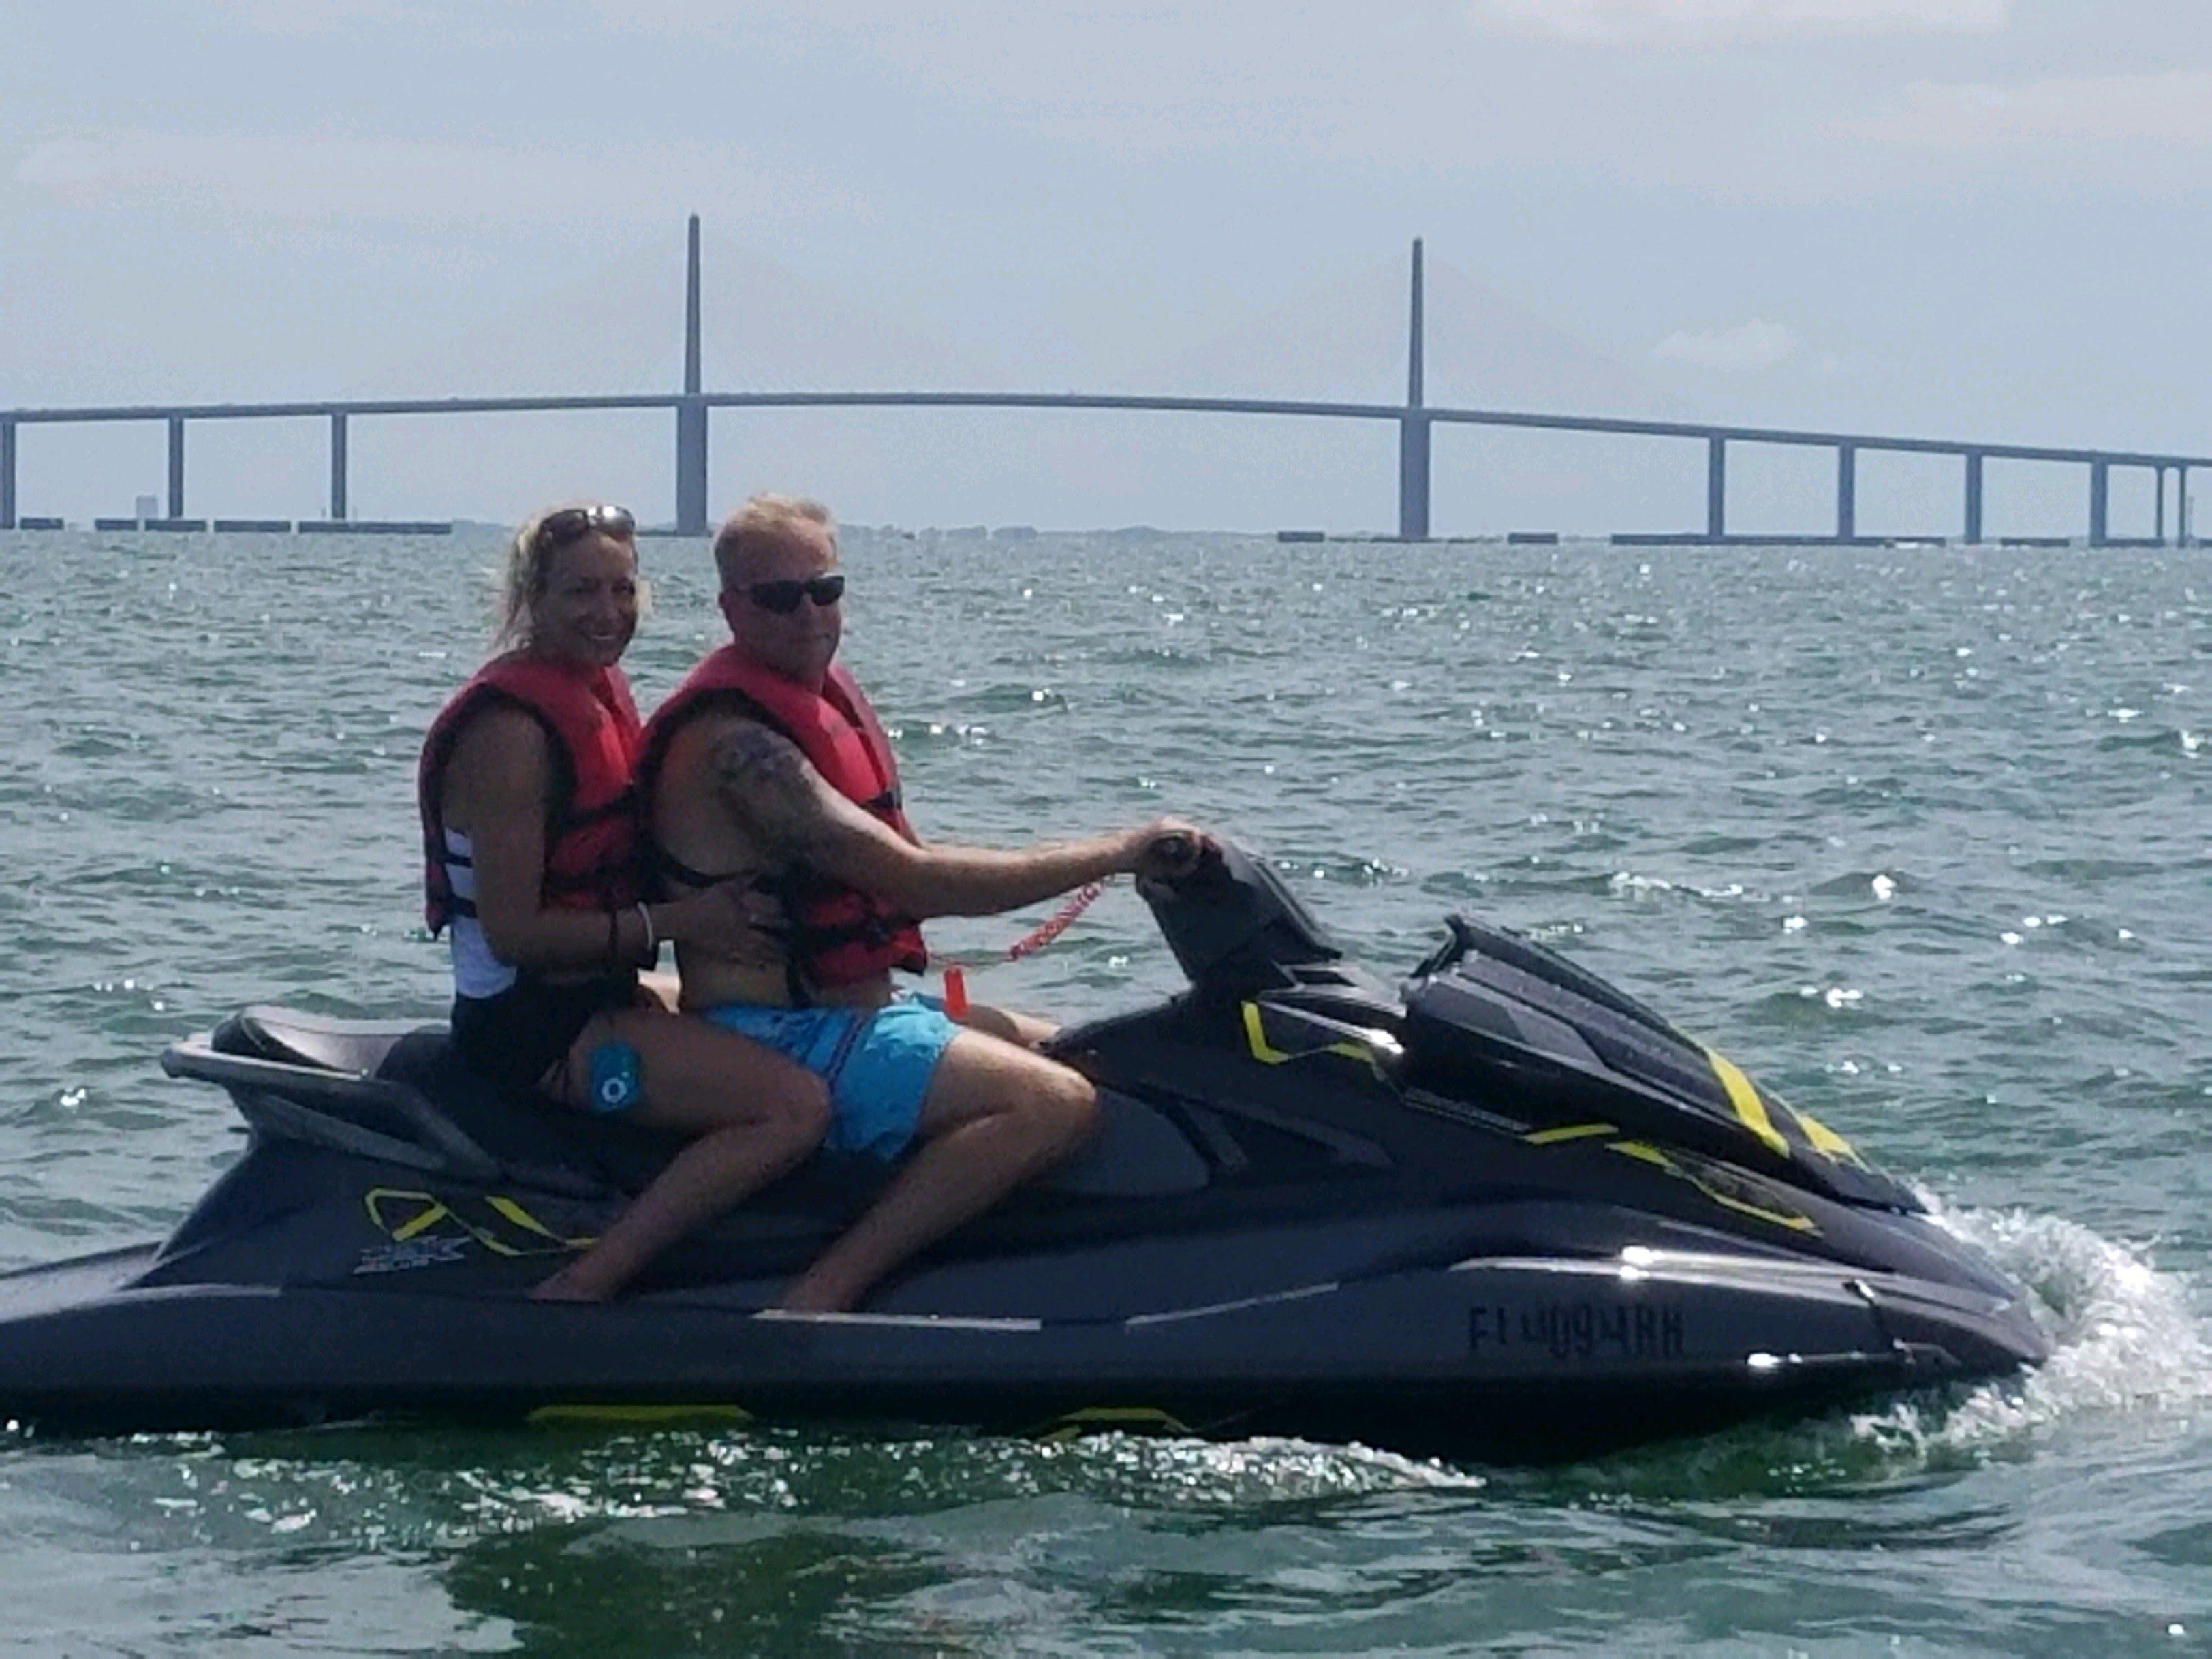 Tampa Bay Fun Times Jet Skis Tampa Bay Fun Times Boat Tours